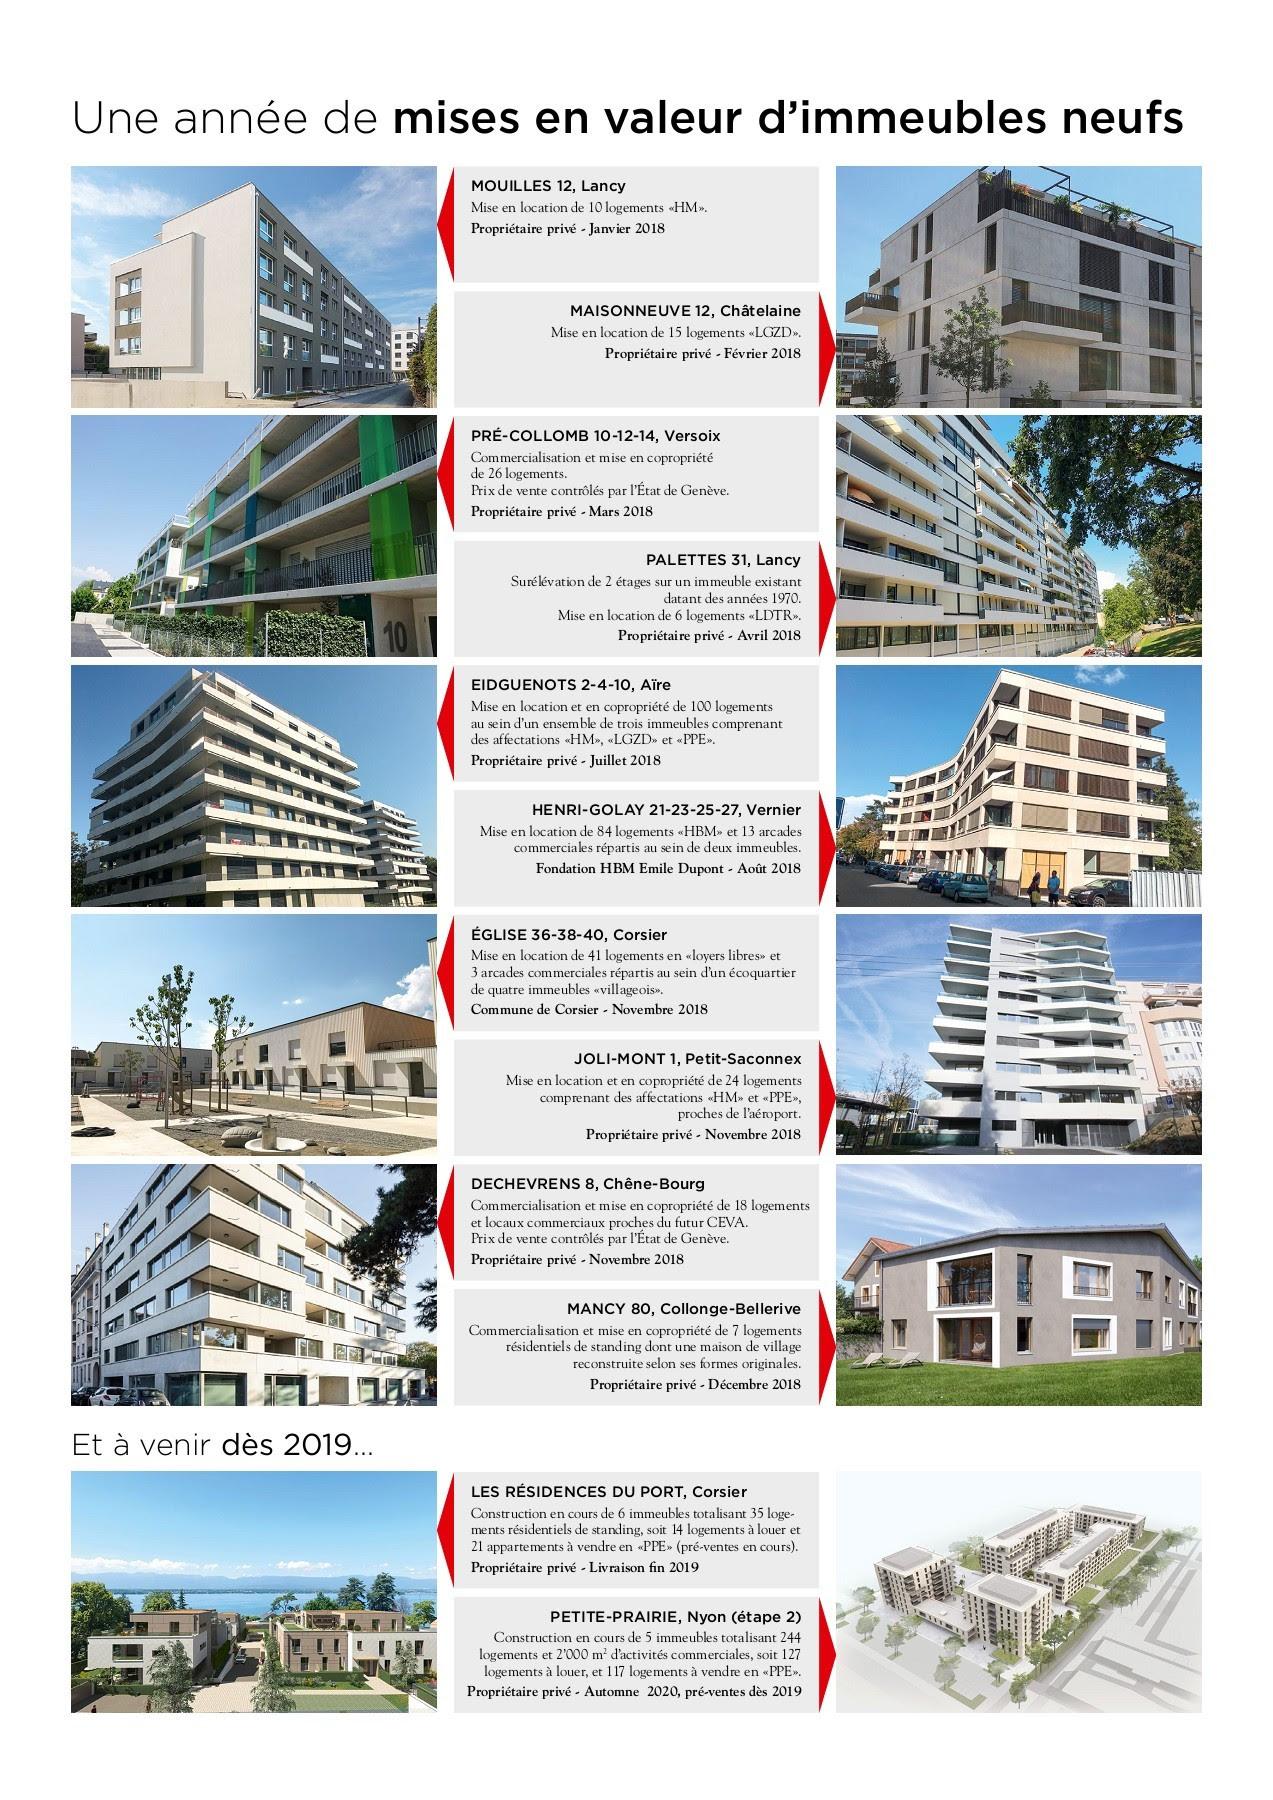 appartement à louer: Appartement A Louer Hm Geneve